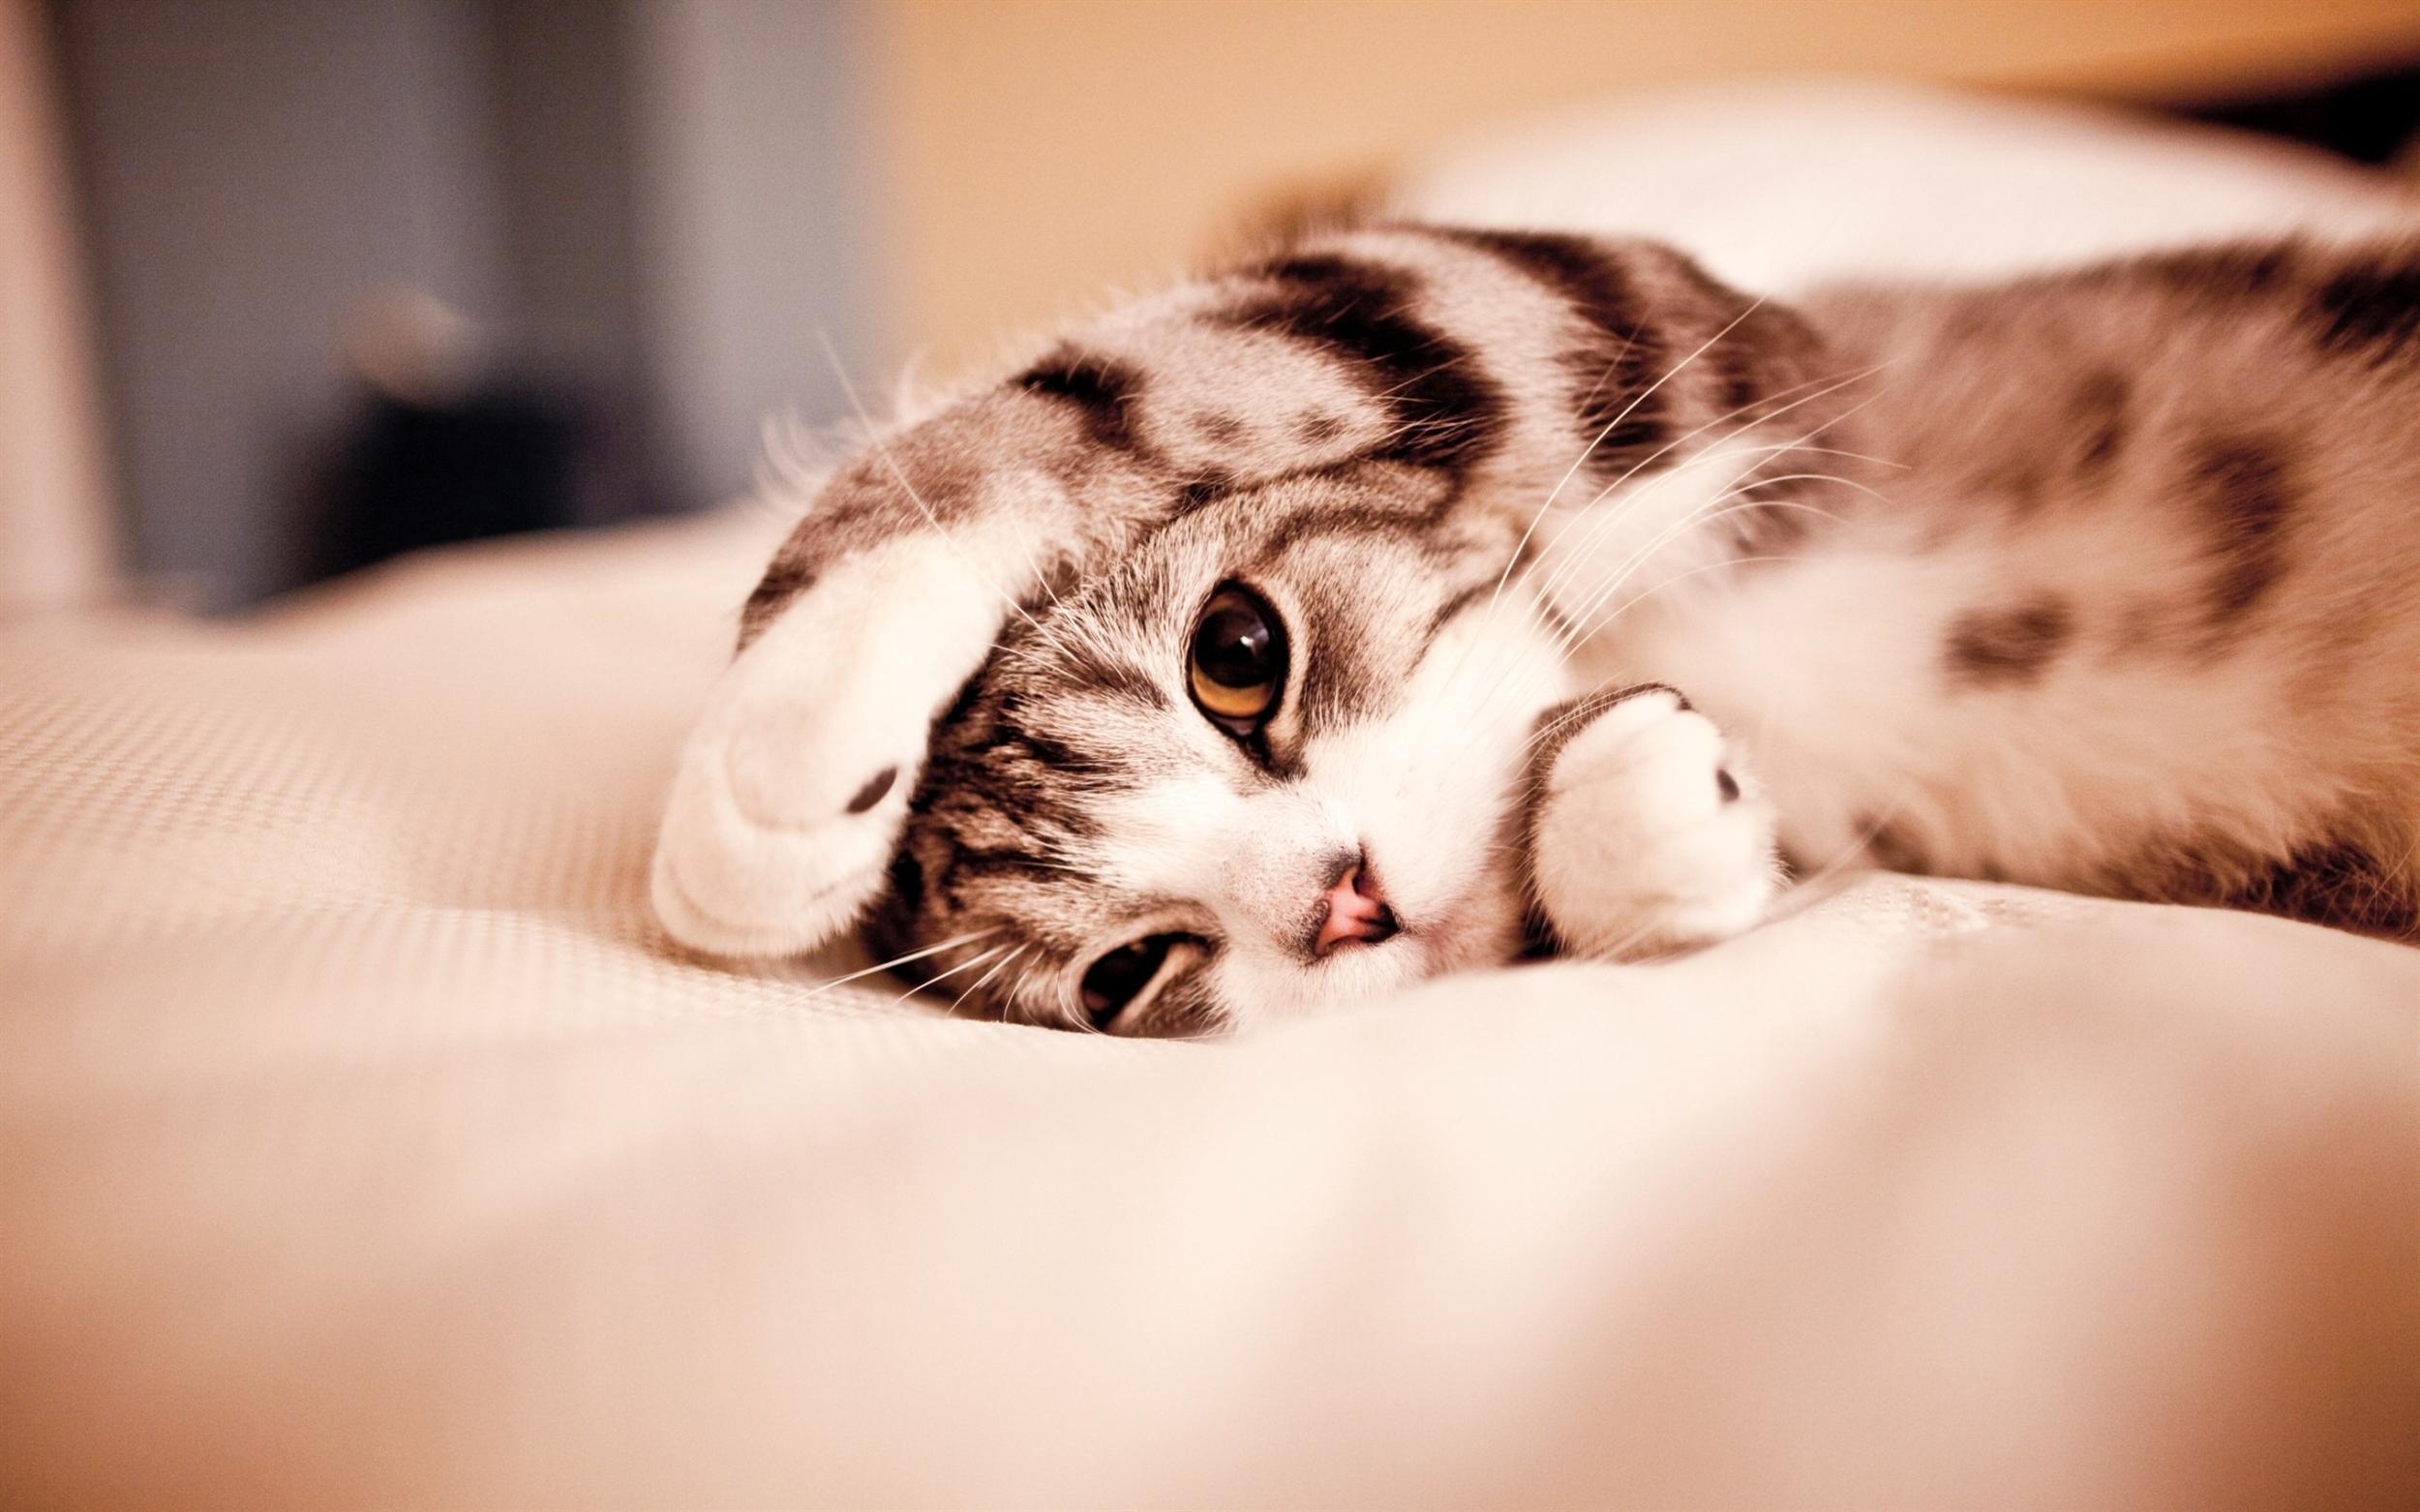 Cute Cat Sleep Wallpaper Desktop 5425 Wallpaper High Resolution 2500x1562